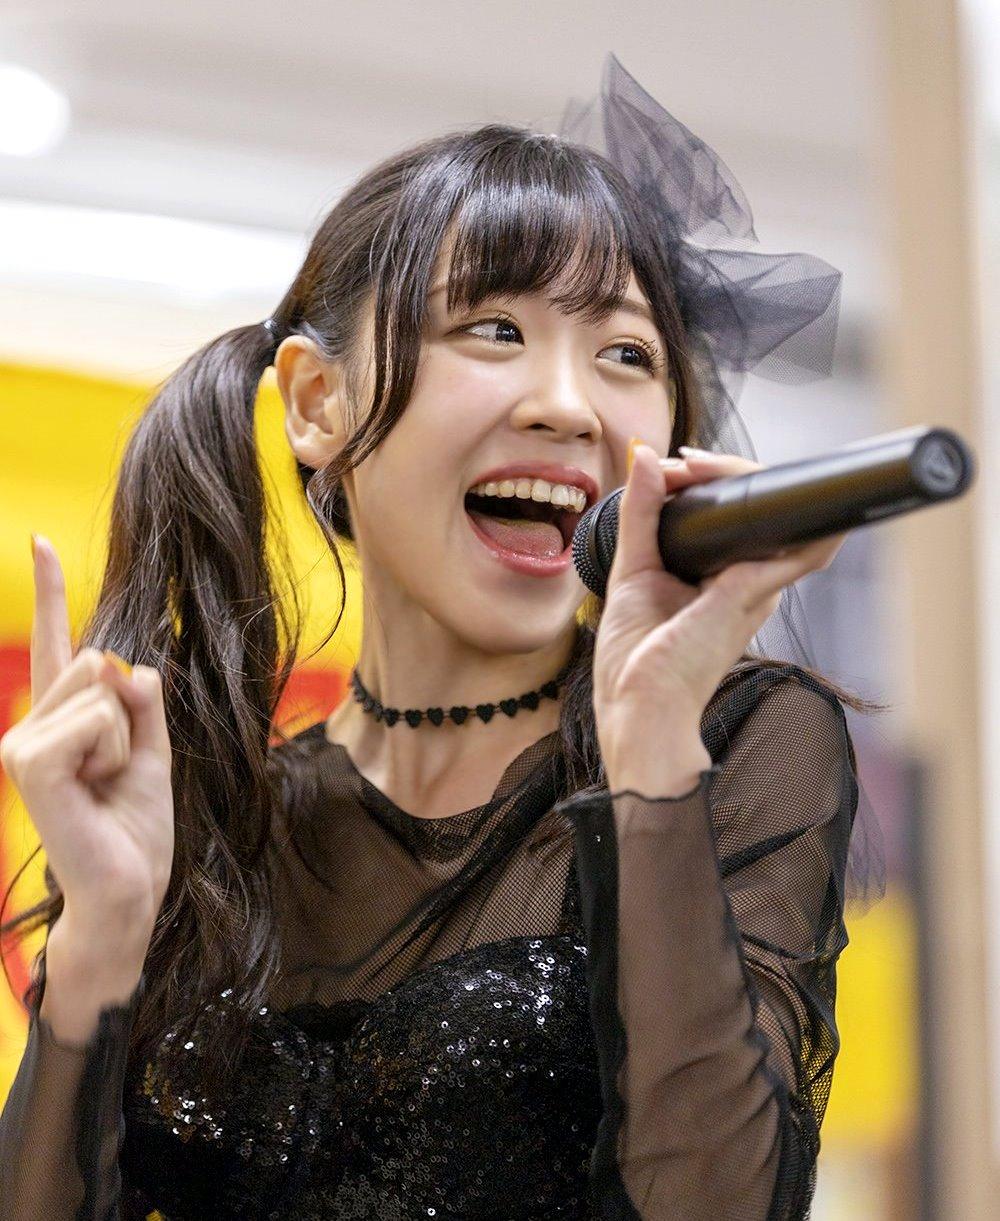 櫻井優衣の白濁汚舌 (3)